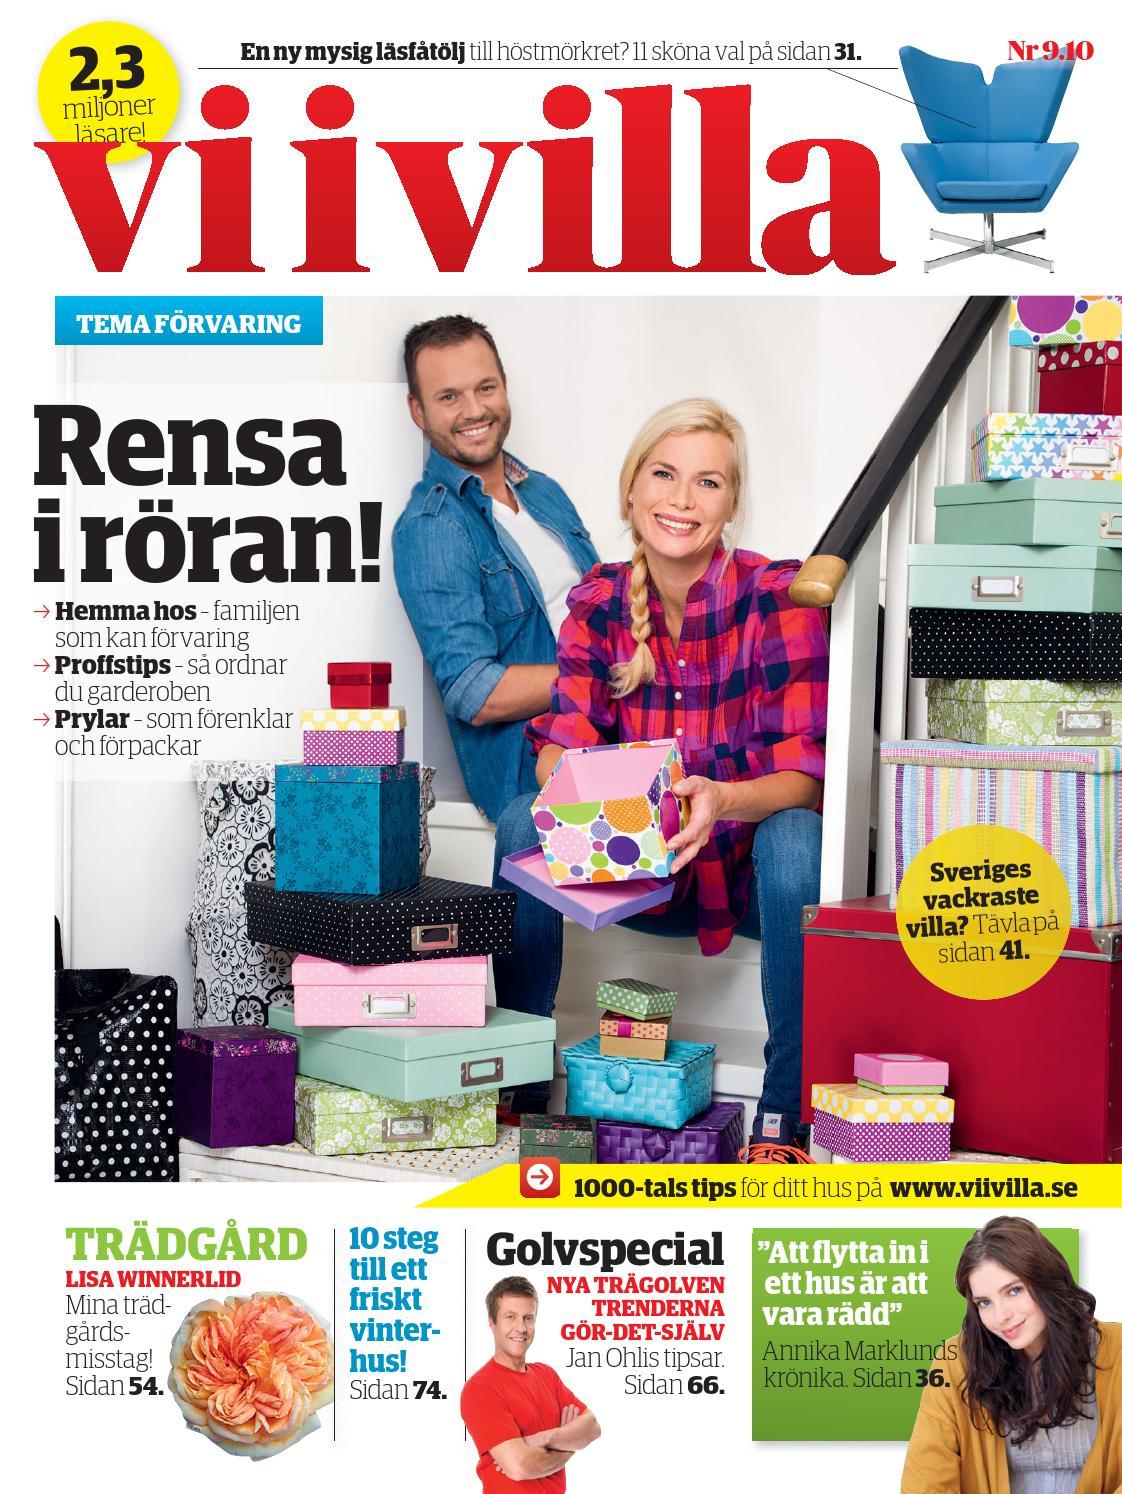 Vi i Villa nr 9 2010 by Vi i Villa - issuu 7a41b4cfbb319